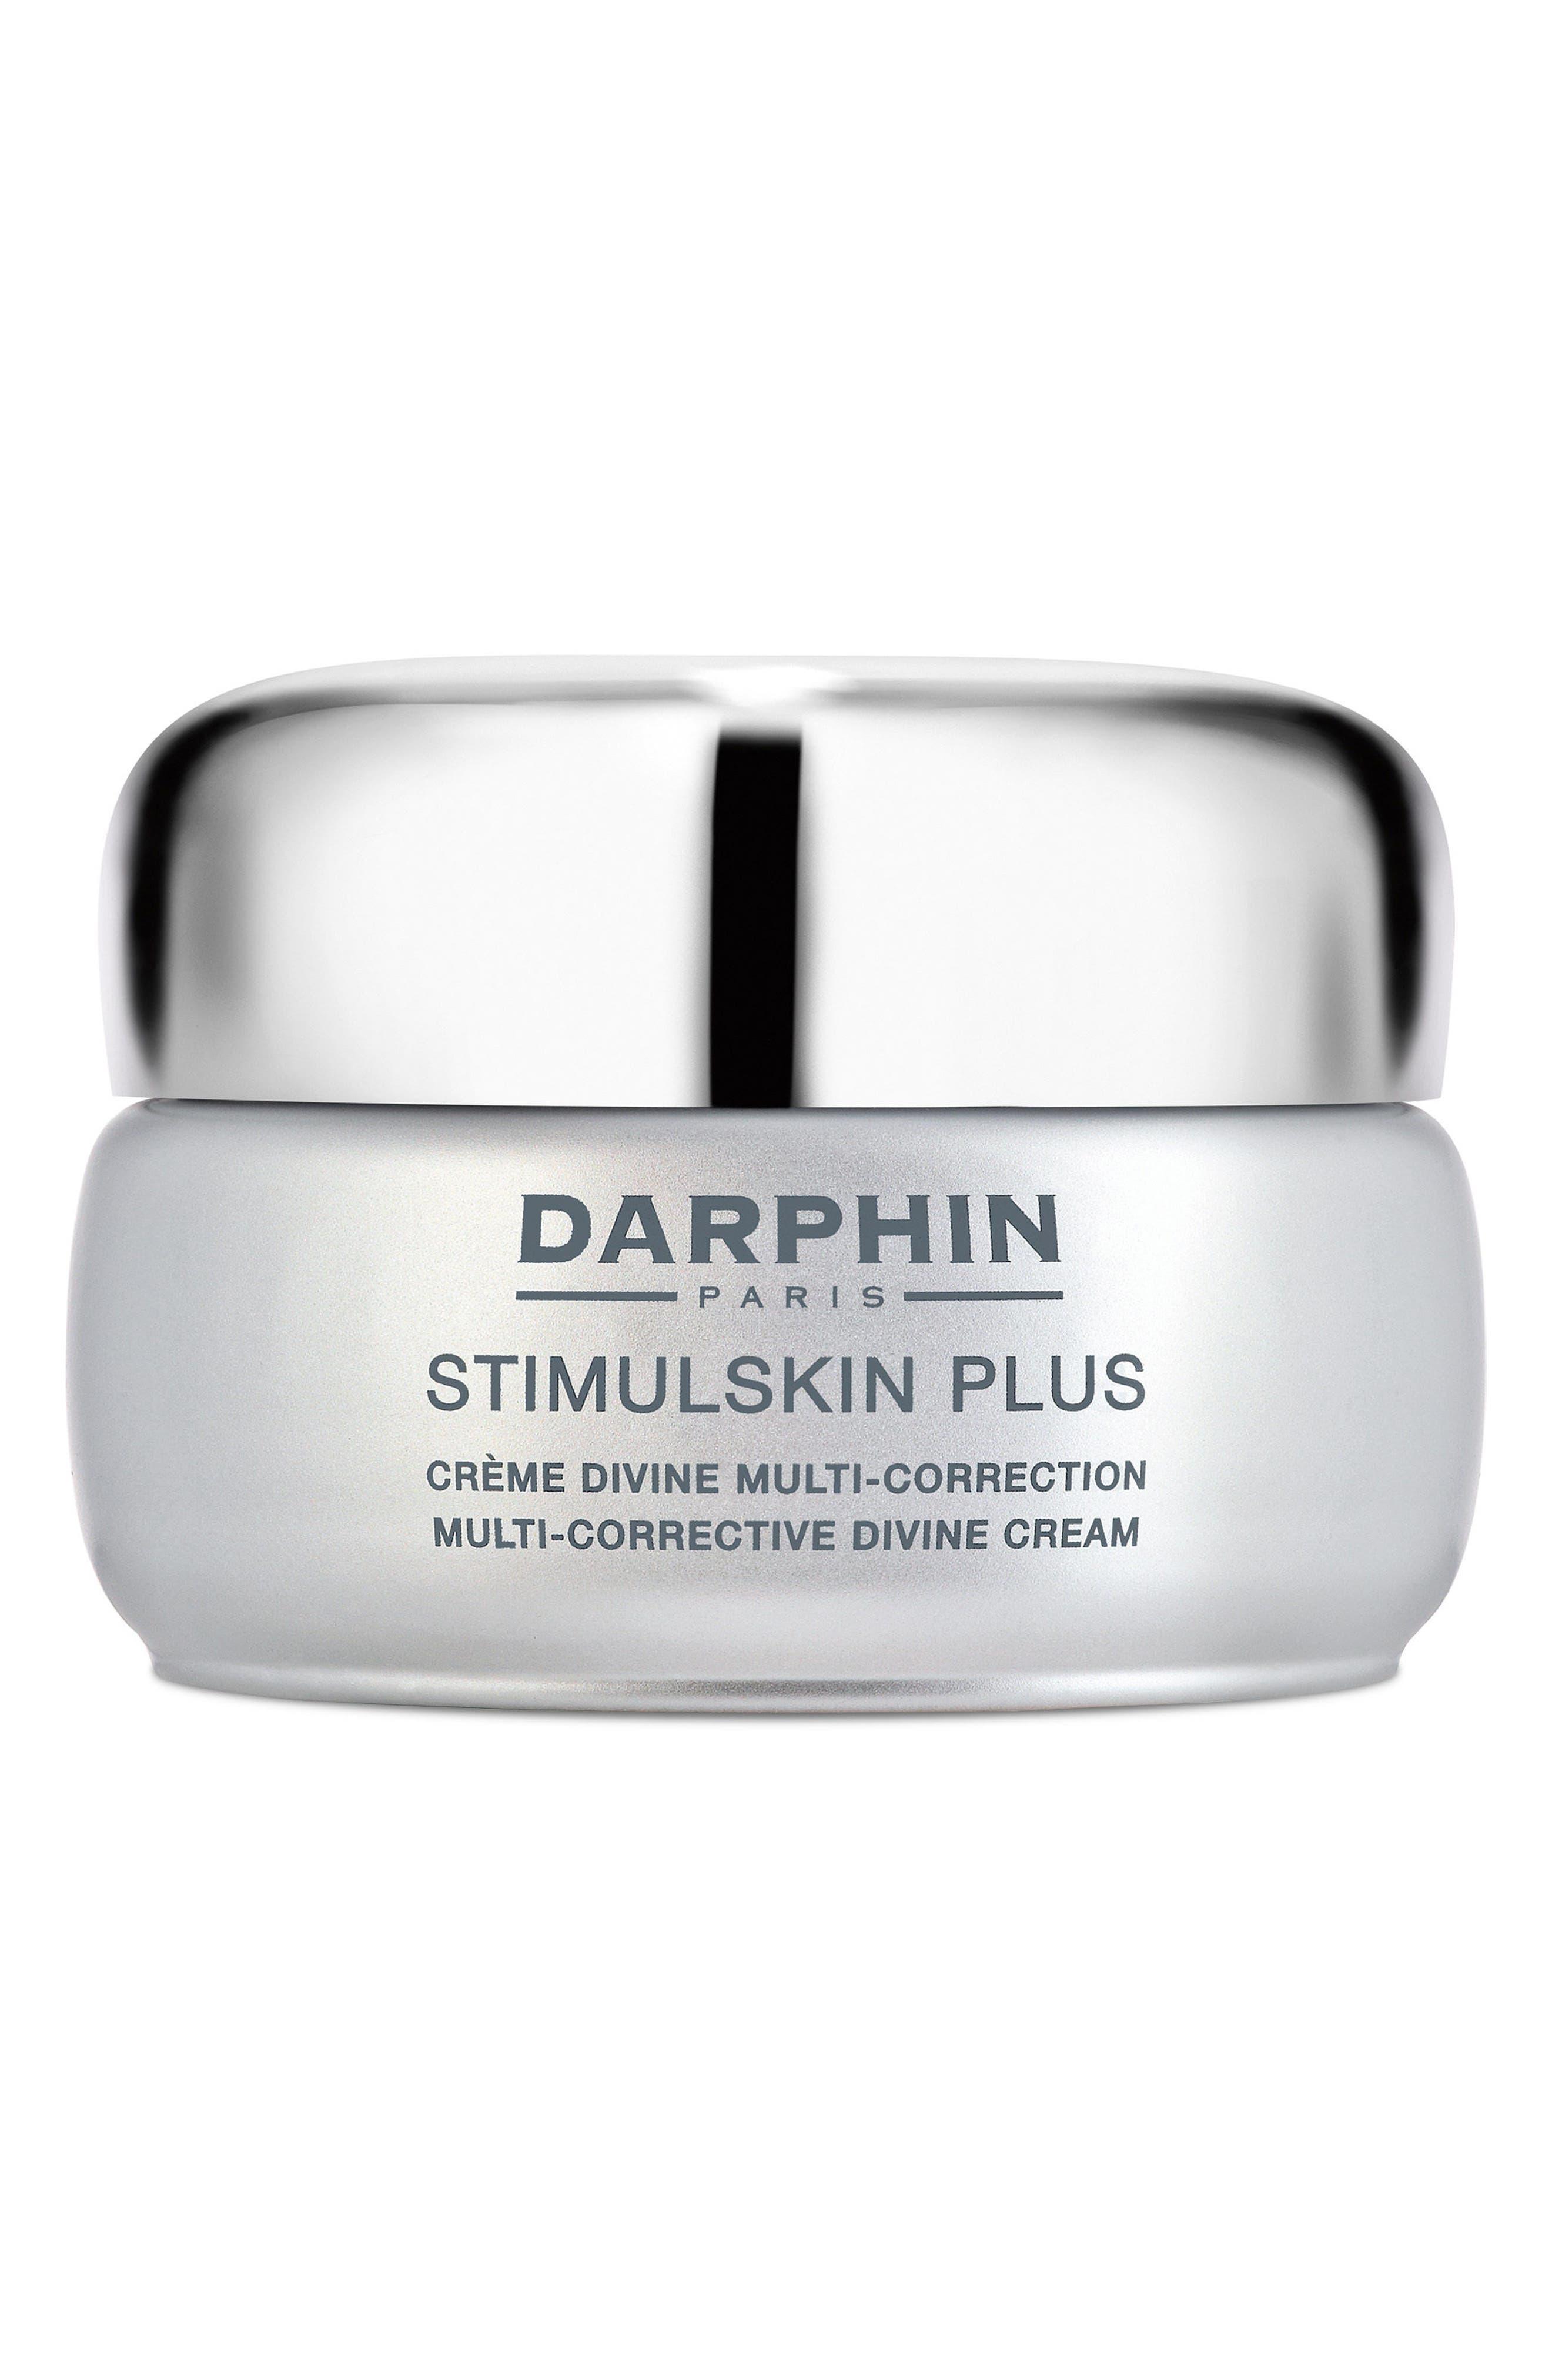 Stimulskin Plus Multi-Corrective Divine Cream,                         Main,                         color, No Color